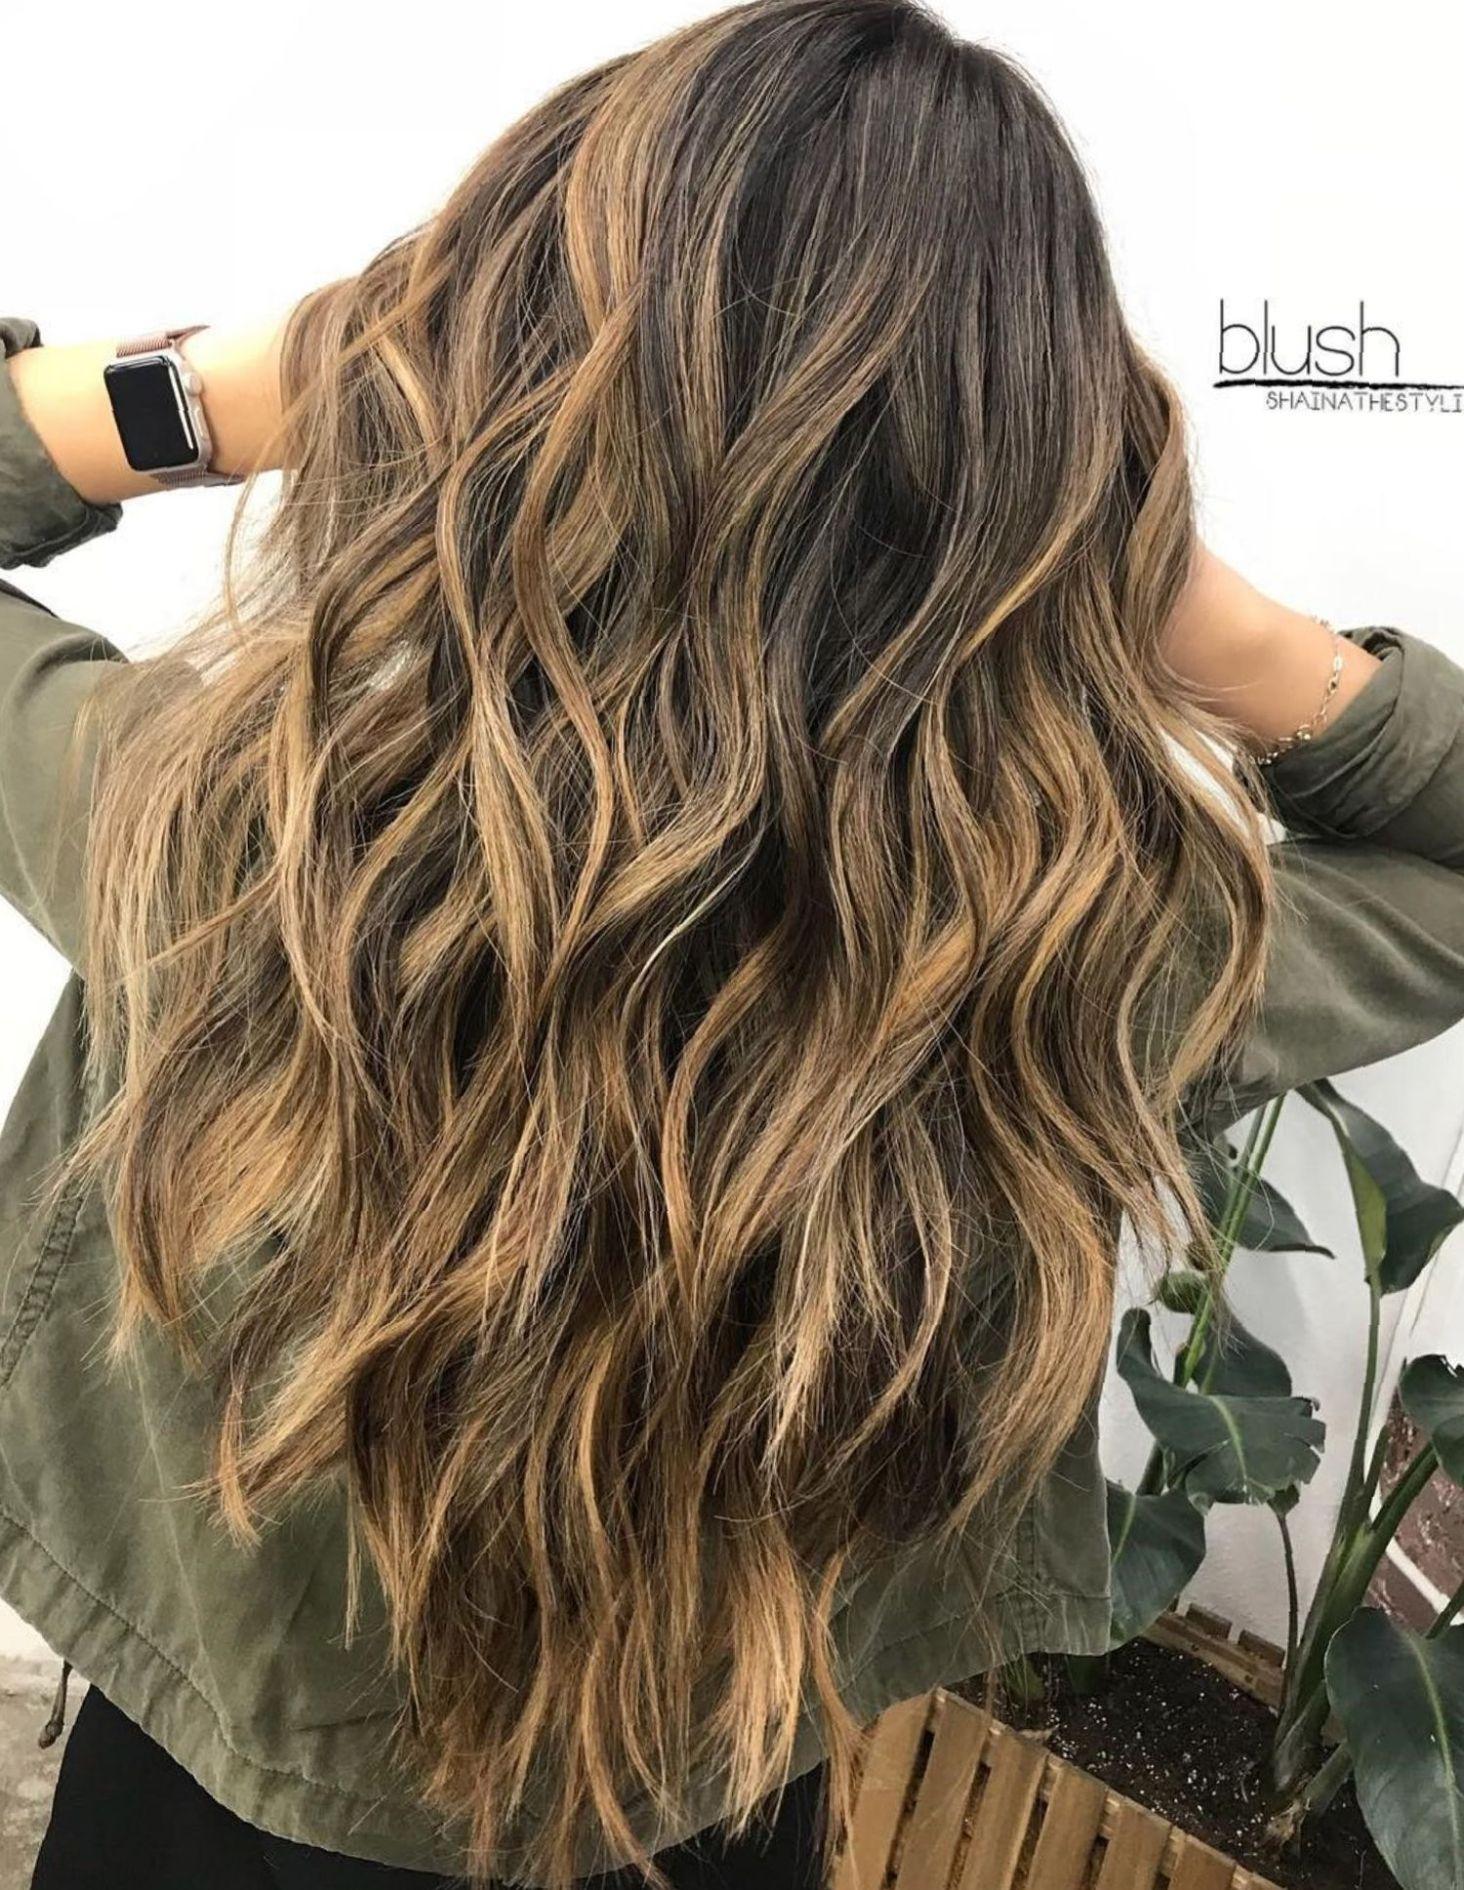 Pin On 2019 Haircuts